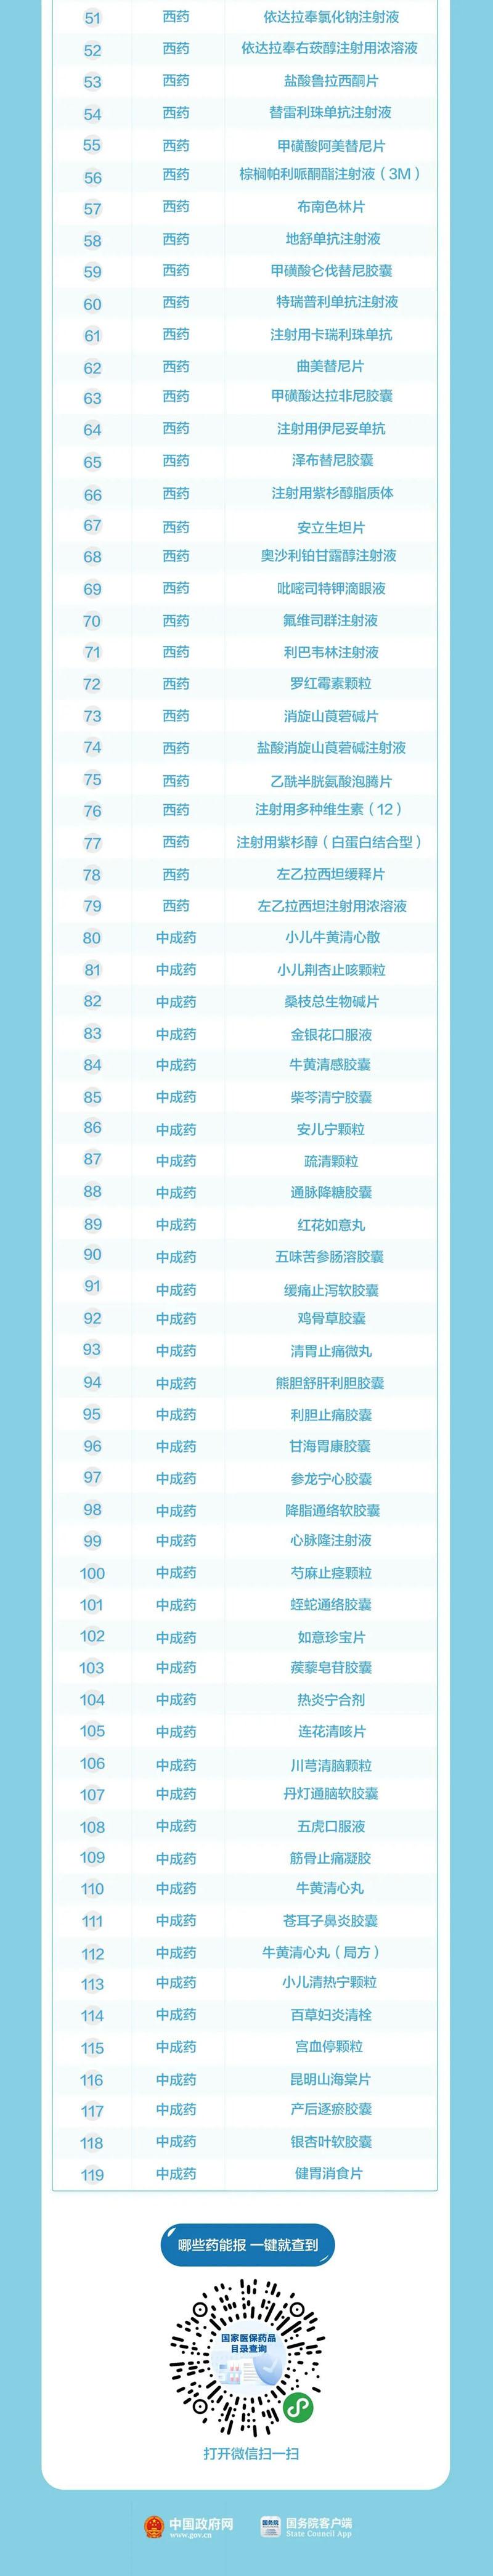 119种药品新纳入医保!含治疗新冠肺炎药品